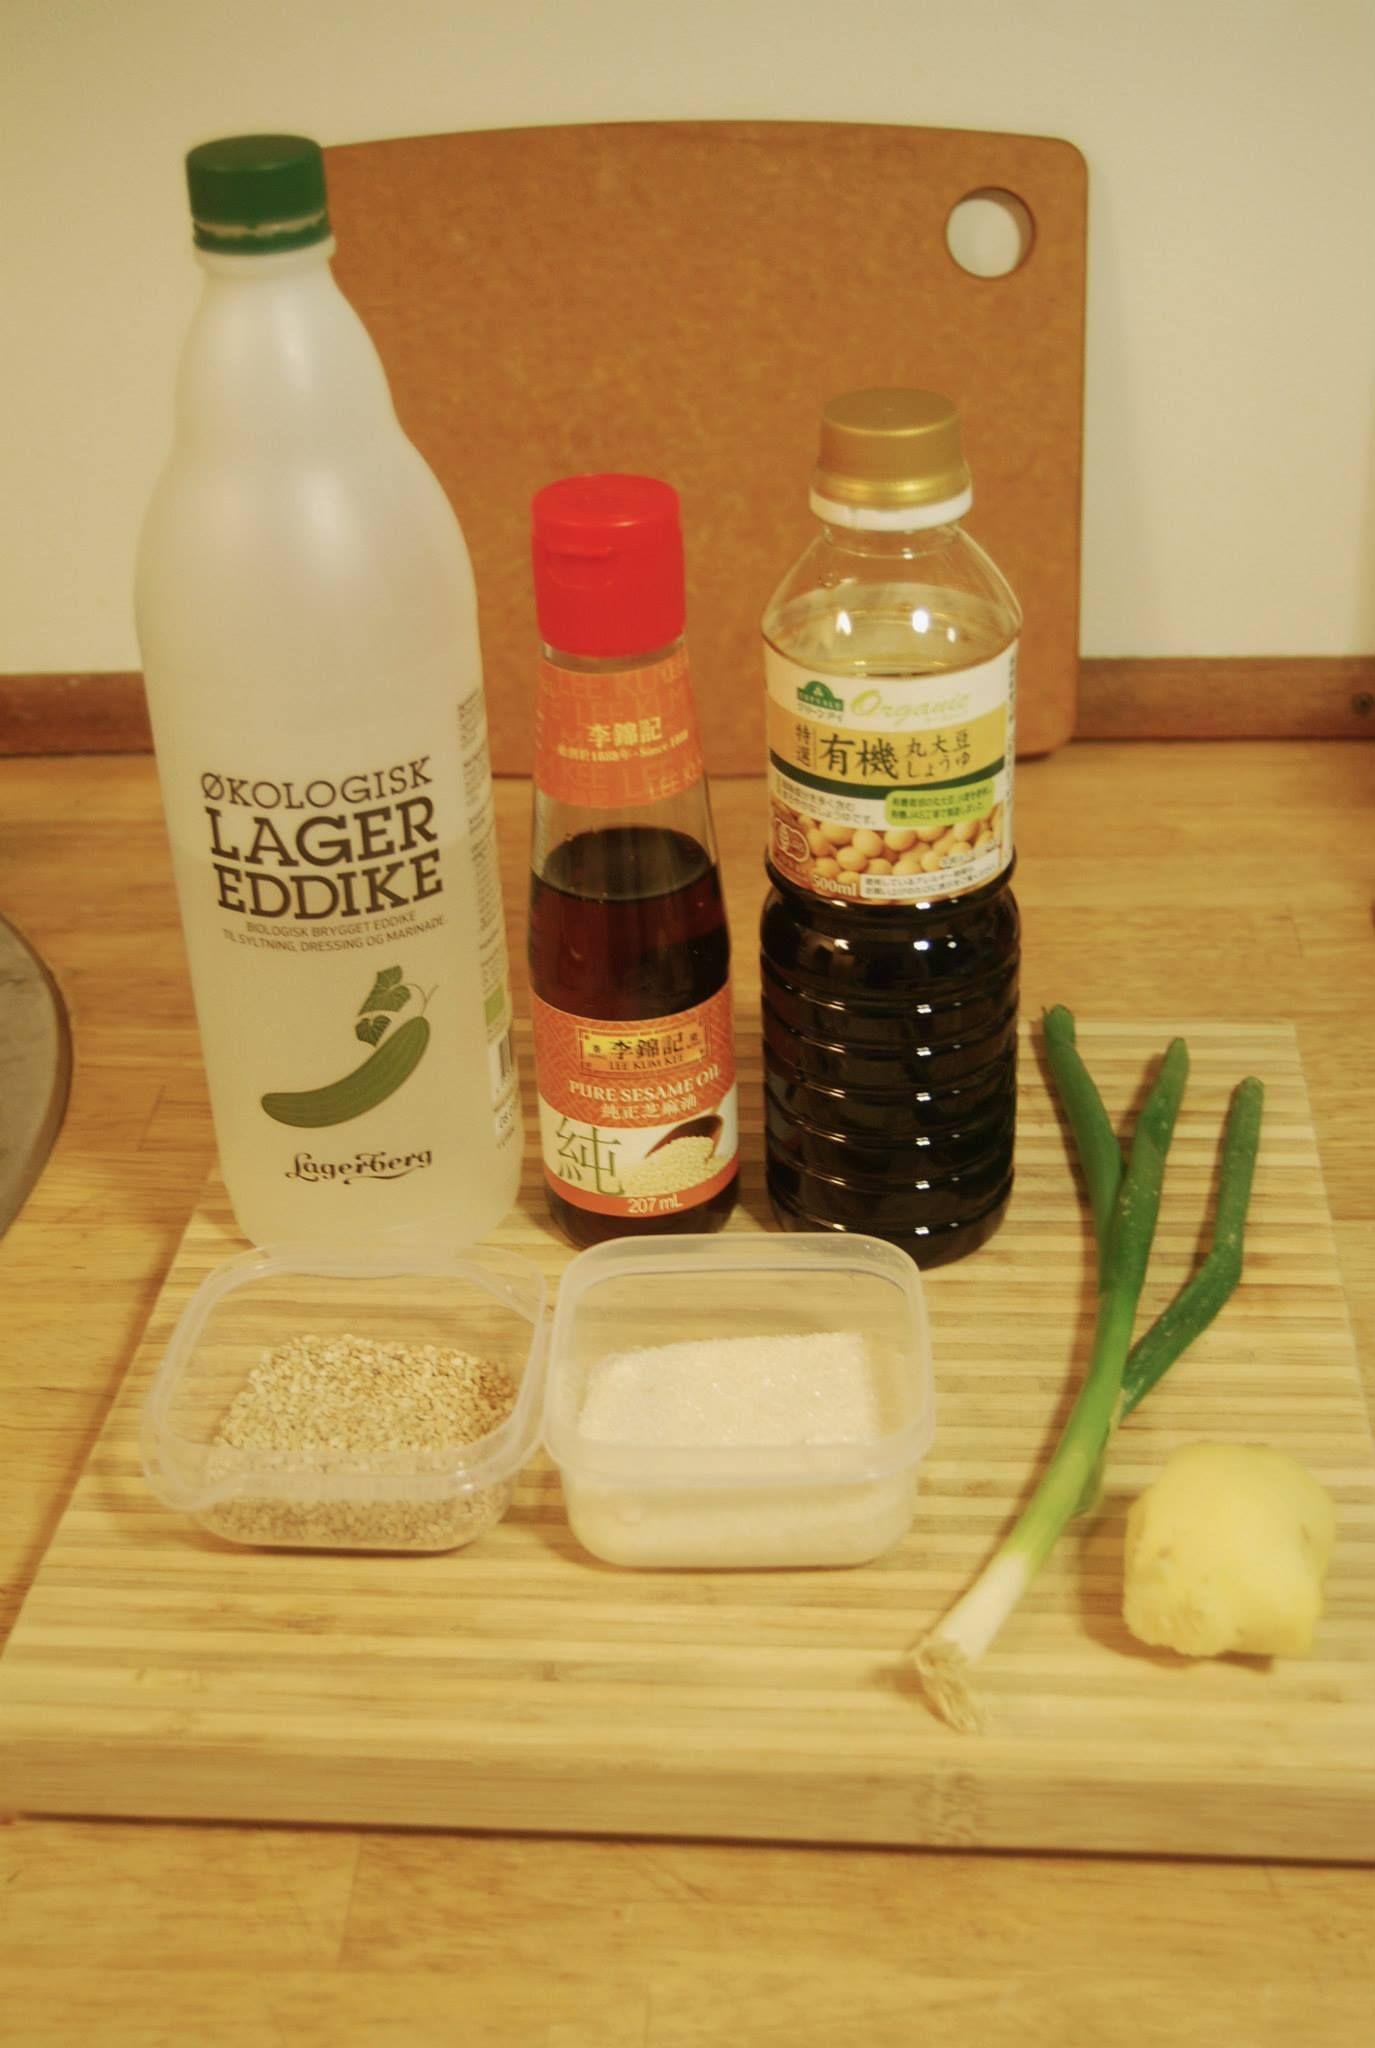 Dampet kylling med sake | 鶏肉の蒸し焼き